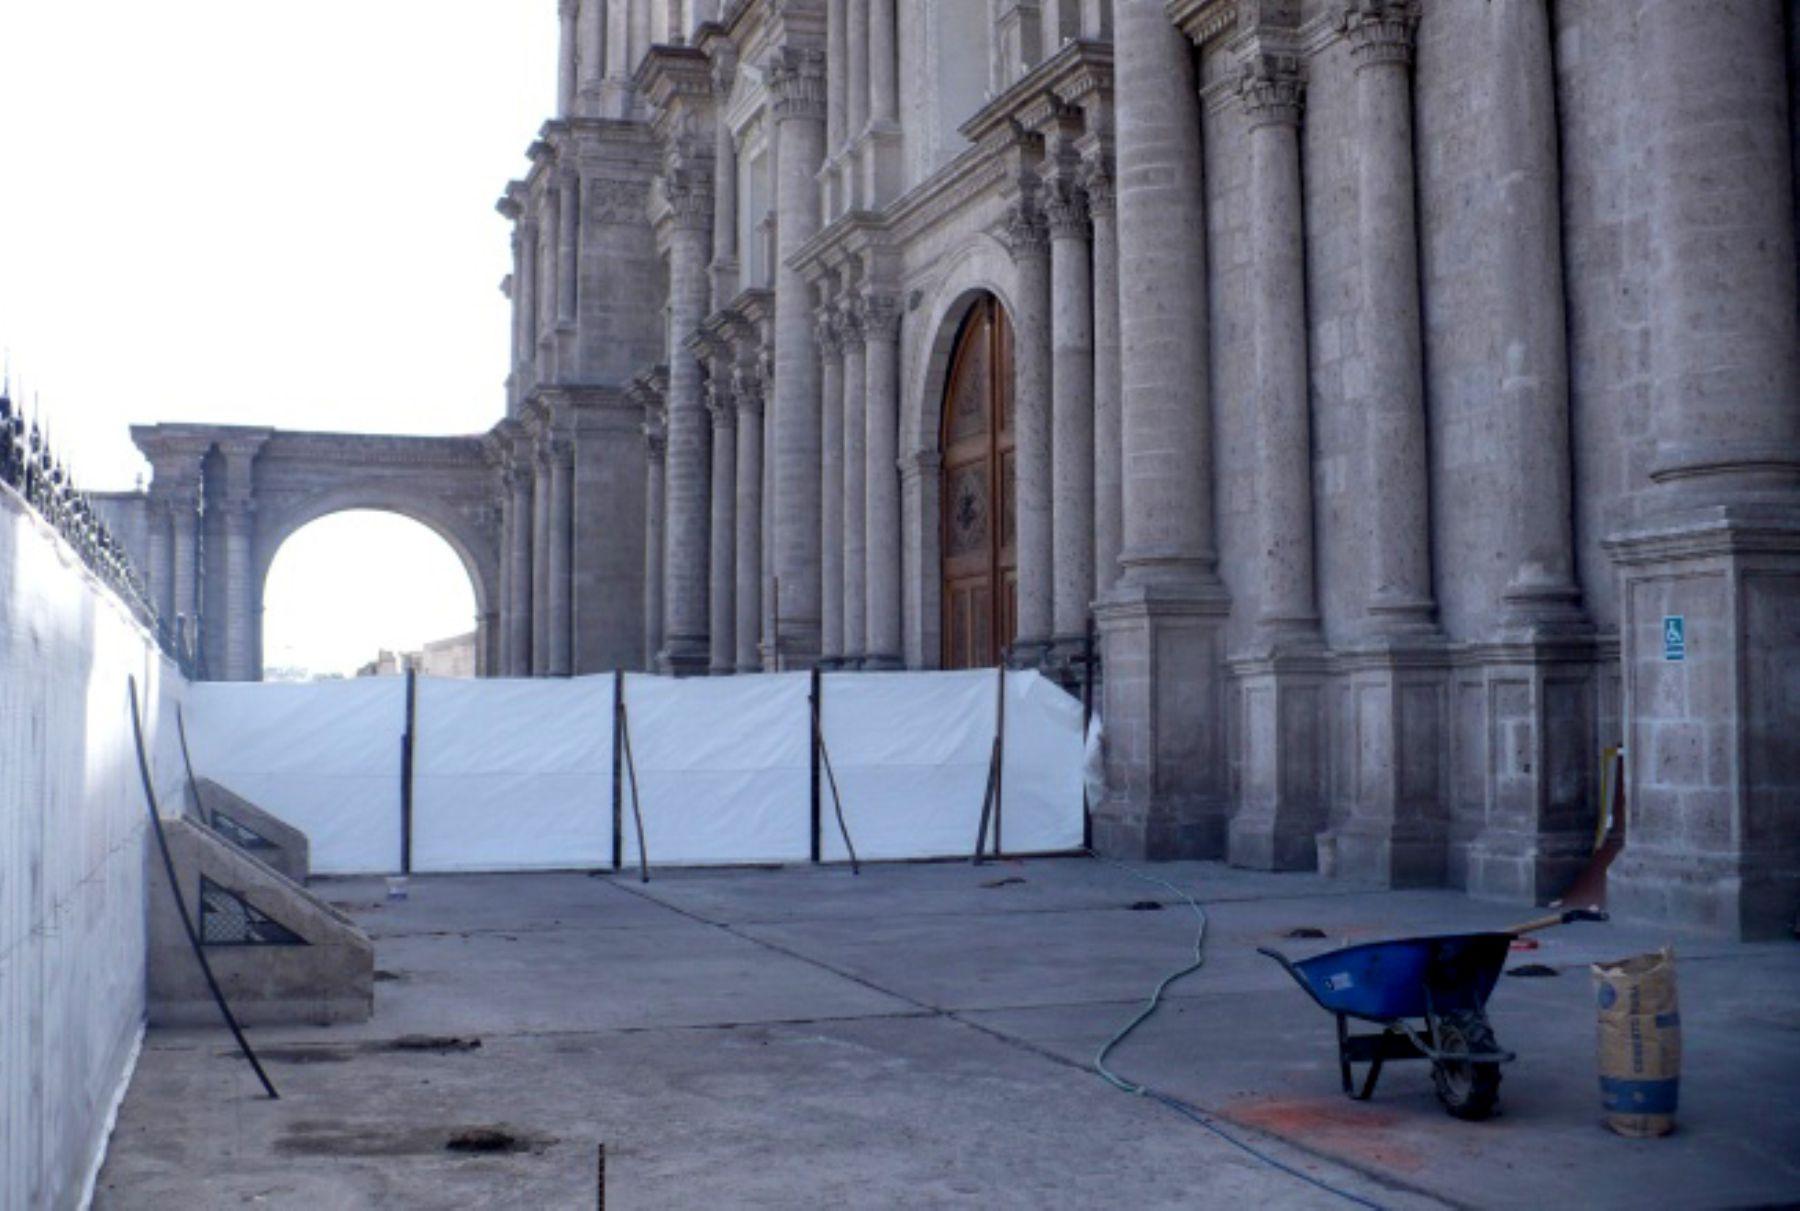 Reponen piso de m rmol de carrara en atrio de catedral de for Pisos de marmol de carrara